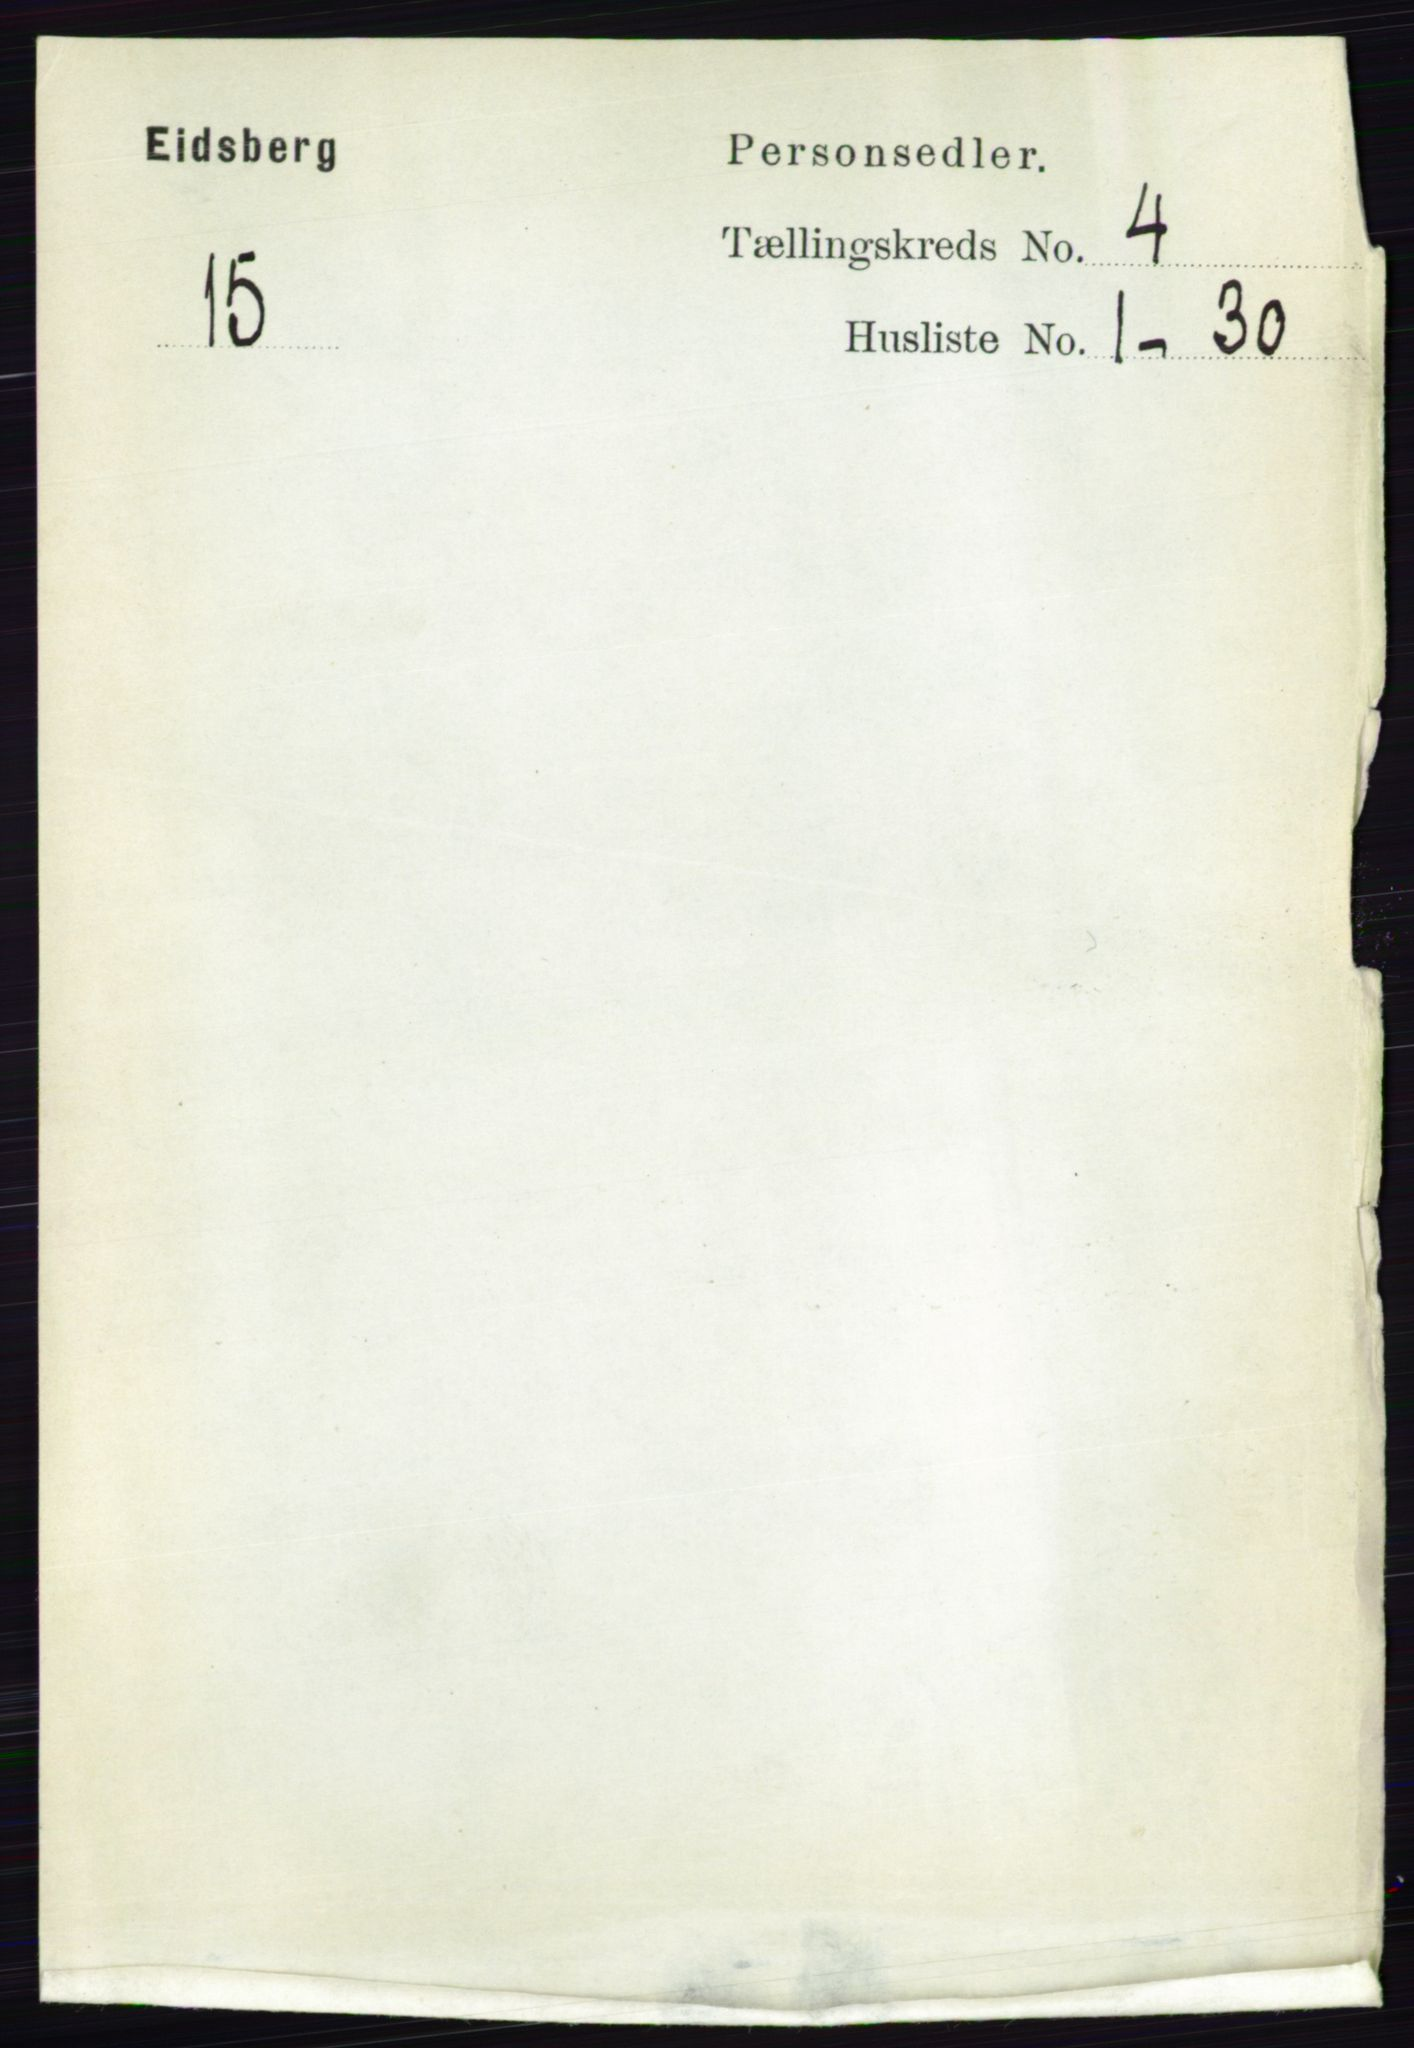 RA, Folketelling 1891 for 0125 Eidsberg herred, 1891, s. 2370